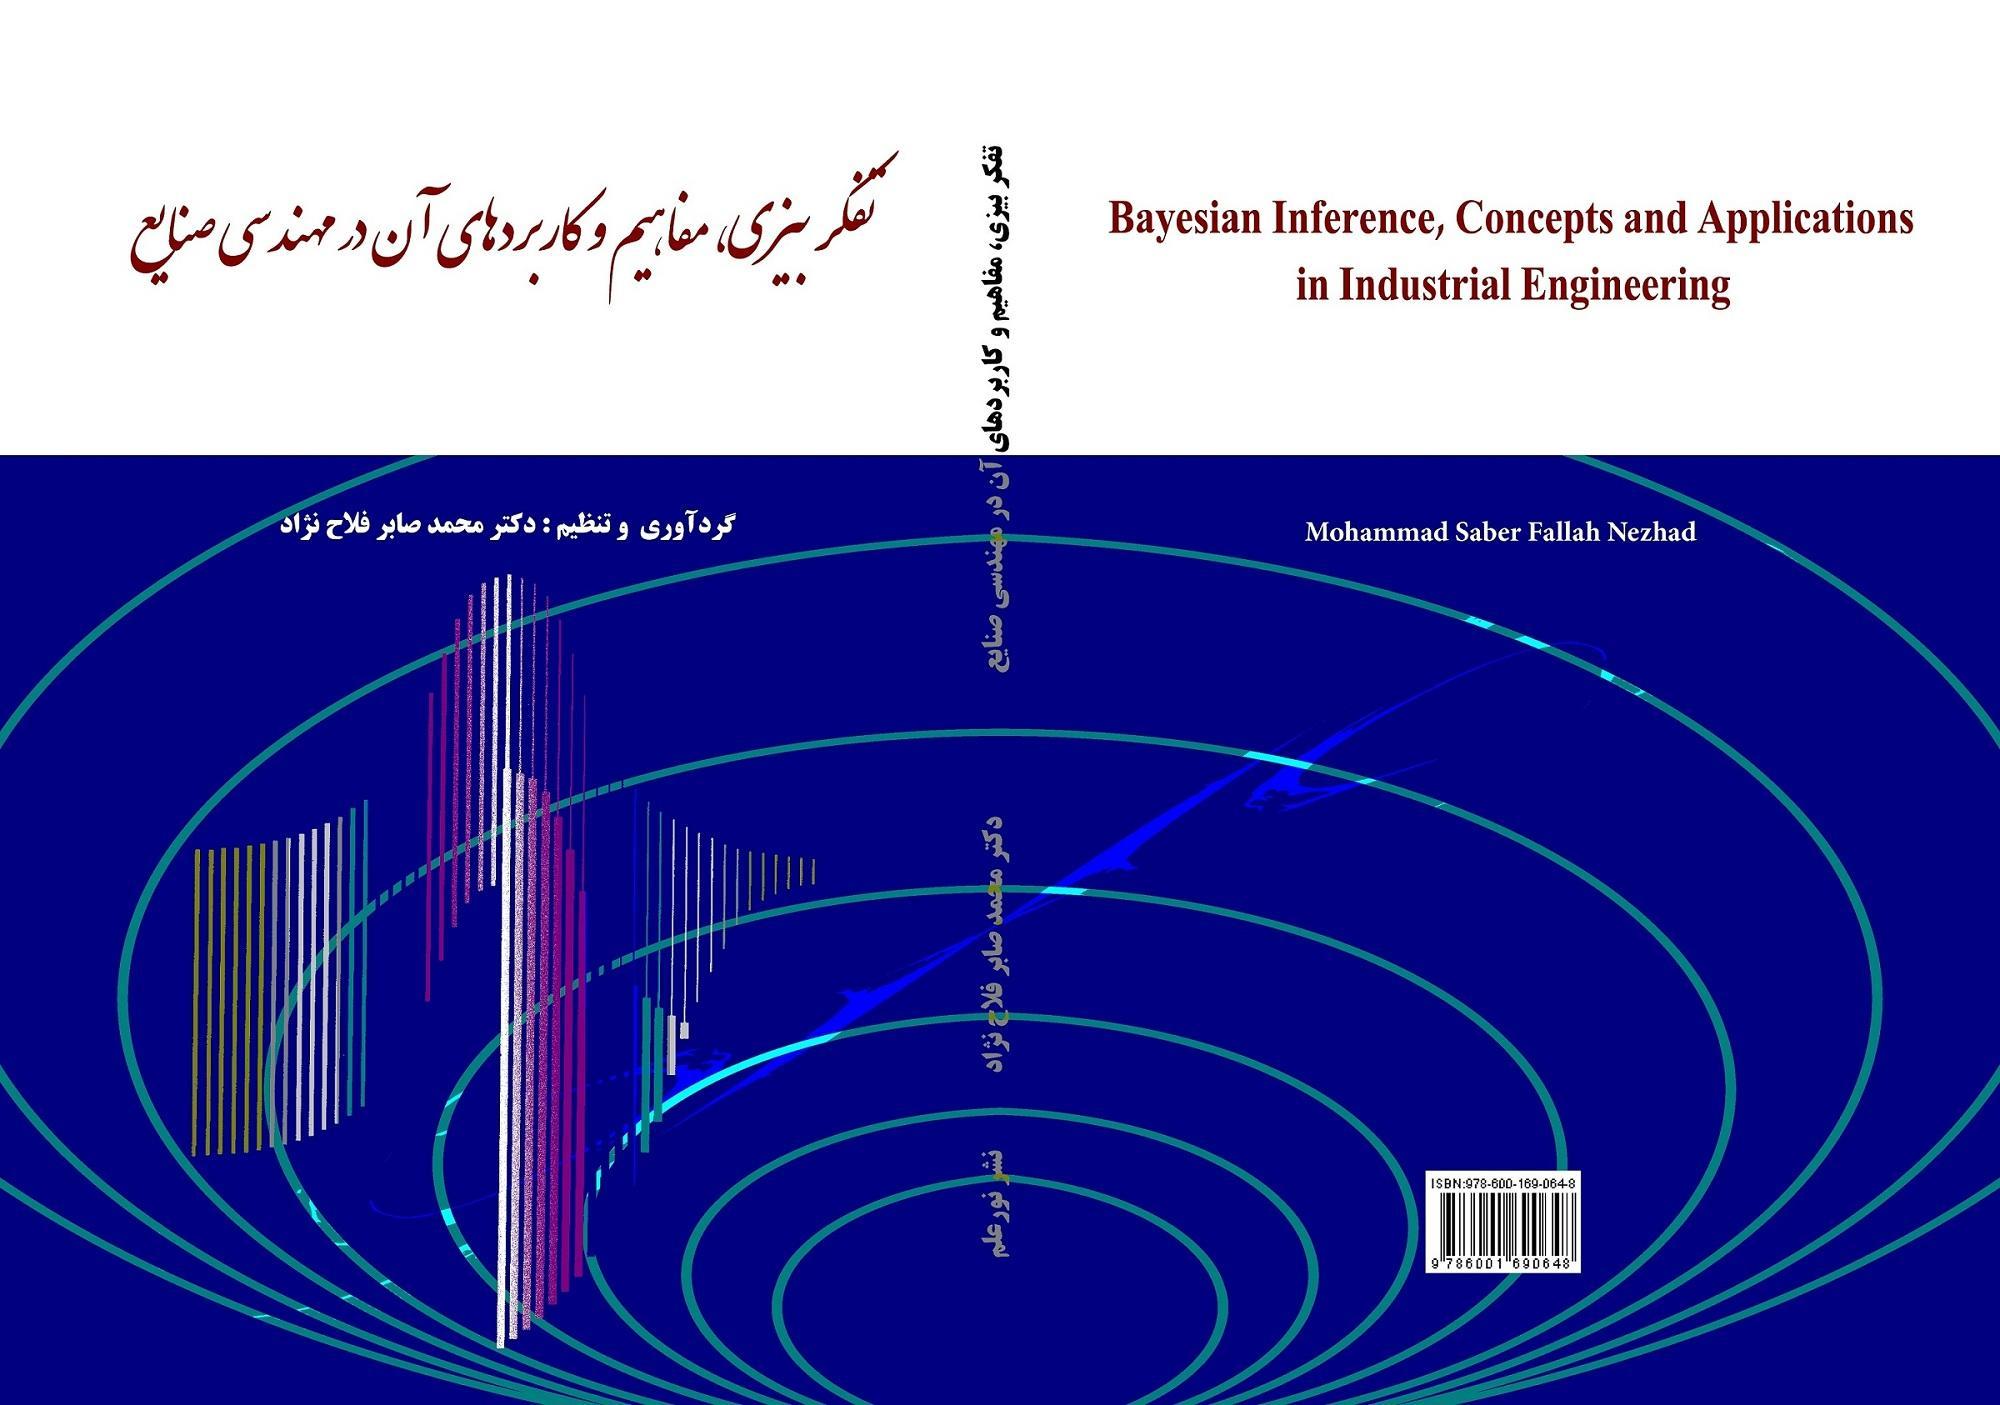 تفکر بیزی، مفاهیم و کاربردهای آن در مهندسی صنایع